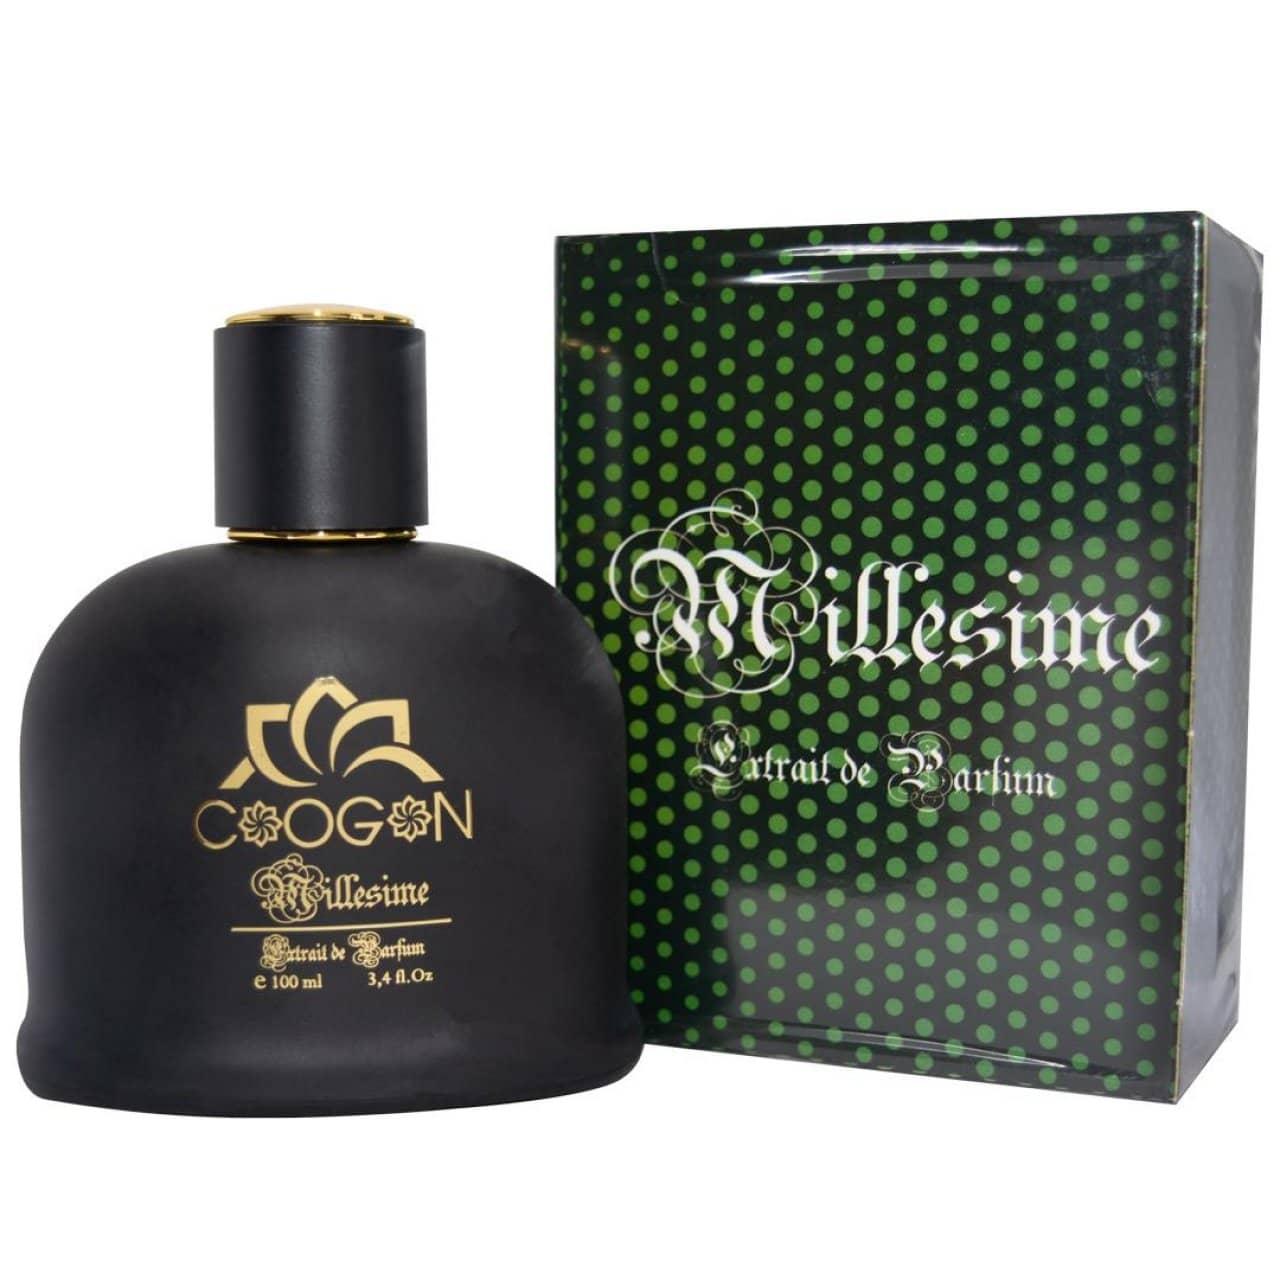 Parfum homme réf 012-35ml